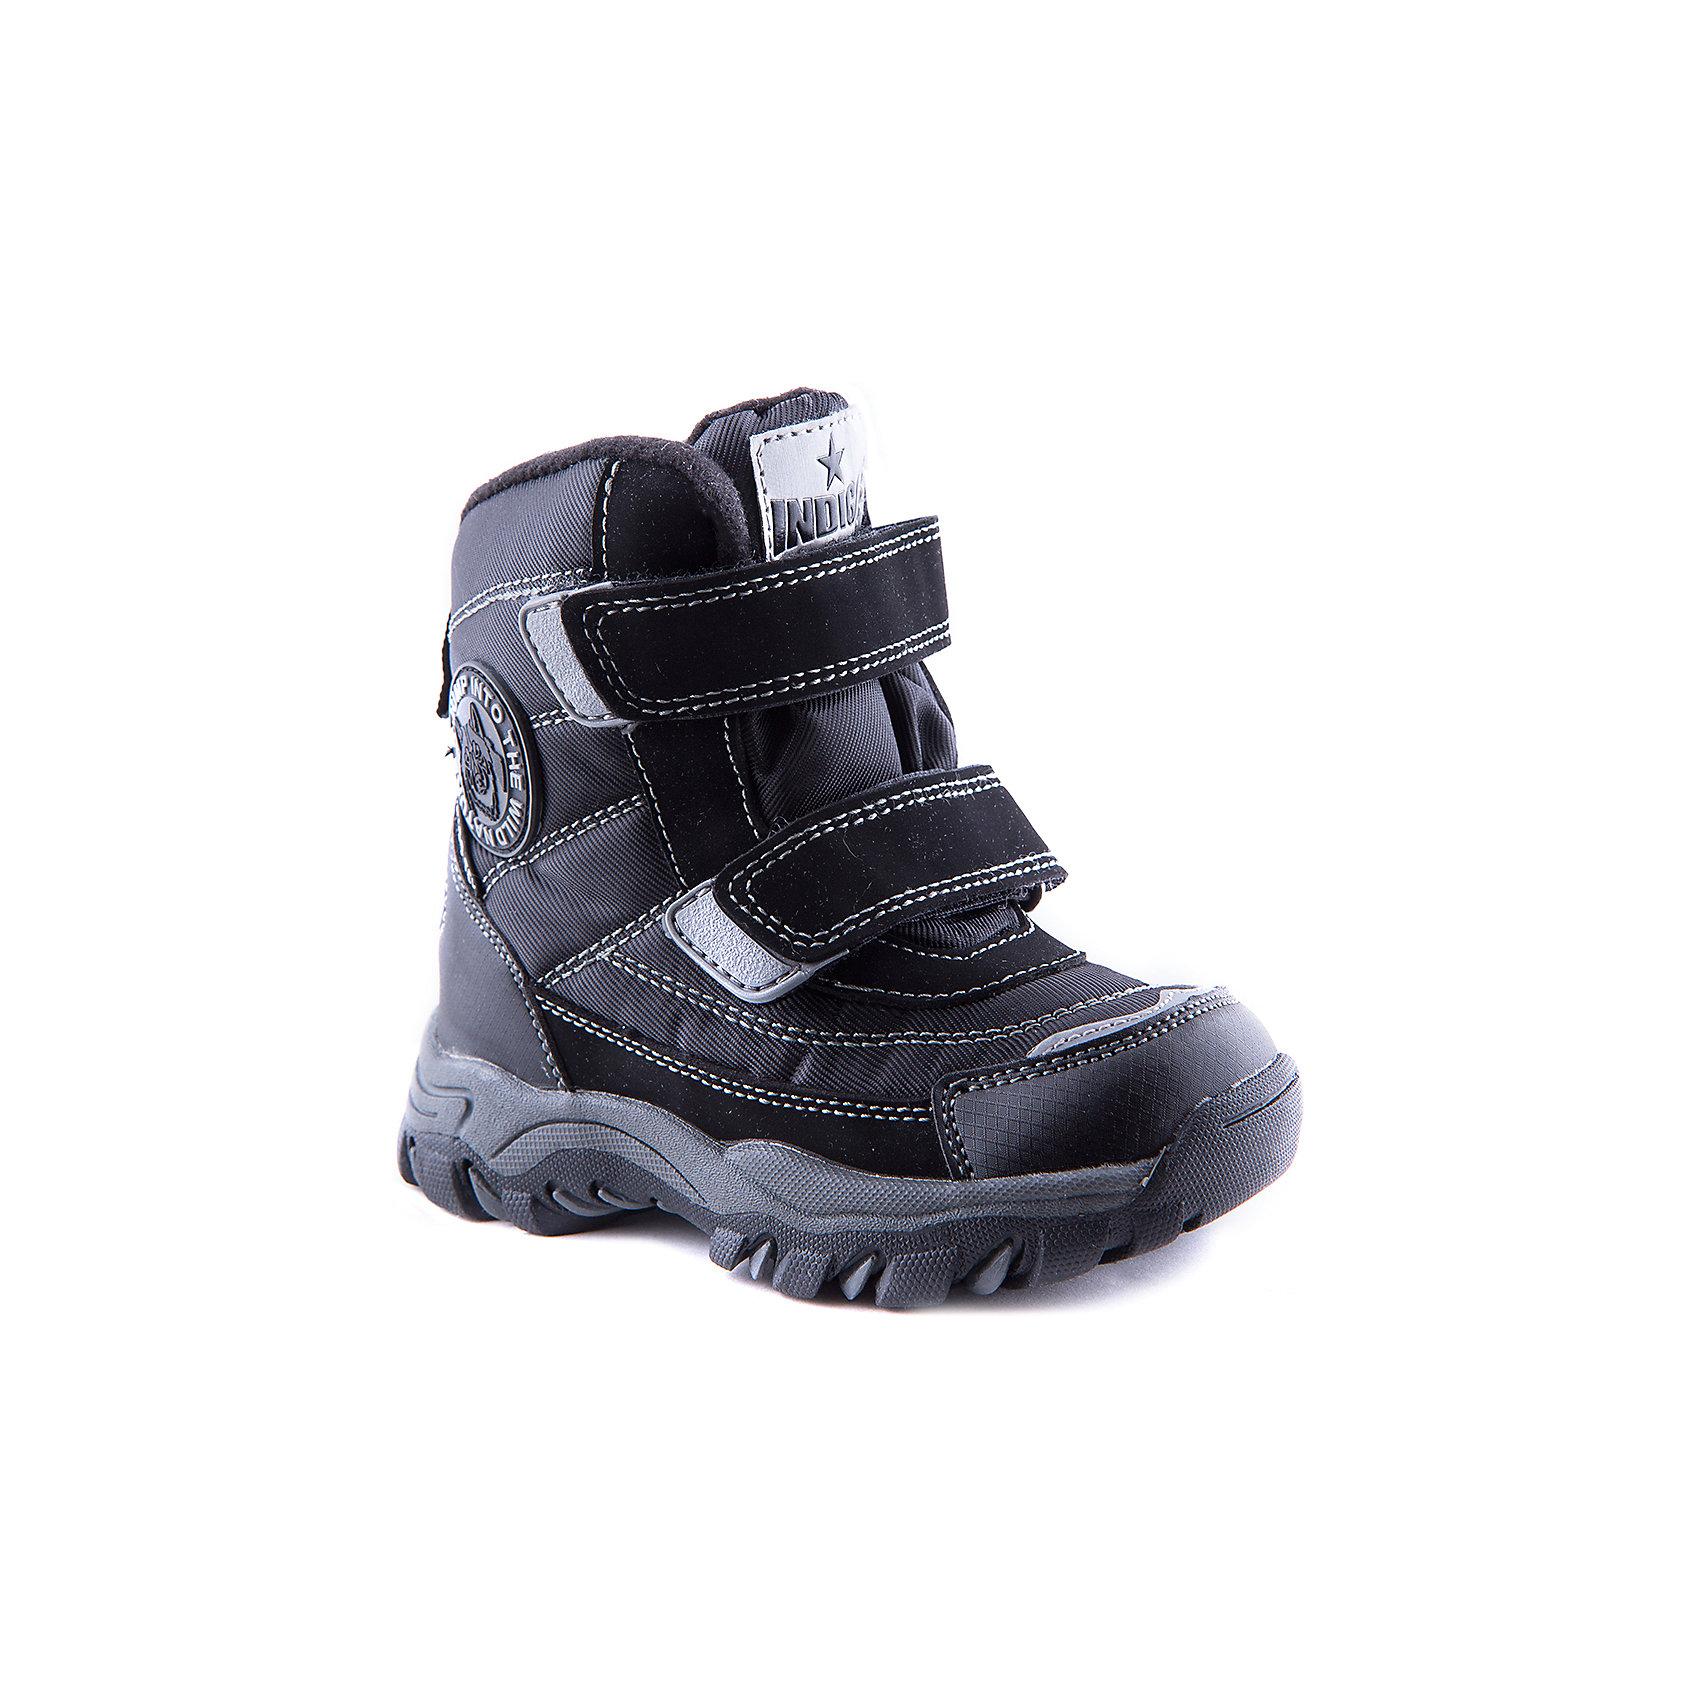 Ботинки для мальчика Indigo kidsБотинки<br>Ботинки для мальчика Indigo kids - прекрасный вариант для холодной погоды. Модель спокойной расцветки хорошо сочетается с различной одеждой. Ботинки застегиваются на липучки, имеют усиленный нос и задник с влагонепроницаемыми вставками. Дополнены петлей для удобного одевания и светоотражающими элементами. Модель выполнена из высококачественных материалов, имеет мягкую шерстяную подкладку обеспечивающую тепло и комфорт.<br><br>Дополнительная информация:<br><br>- Сезон: осень/зима<br>- Температурный режим: от 0? до - 10?.<br>- Тип застежки: липучка <br>- Рифленая подошва.<br>- Влагонепроницаемые вставки.<br>- Декоративные элементы:  логотип.<br>- Светоотражающие элементы.<br>Параметры для размера 25<br>- Толщина подошвы: 2 см.<br>- Высота каблука: 3 см.<br>Состав:<br>Материал верха: Текстиль/Искусственная кожа.<br>Материал подкладка: Шерсть.<br>Стелька: Шерсть.<br>Подошва: ТЭП.<br><br>Сапоги для мальчика Indigo kids (Индиго Кидс) можно купить в нашем магазине.<br><br>Ширина мм: 262<br>Глубина мм: 176<br>Высота мм: 97<br>Вес г: 427<br>Цвет: черный<br>Возраст от месяцев: 36<br>Возраст до месяцев: 48<br>Пол: Мужской<br>Возраст: Детский<br>Размер: 27,25,28,30,29,26<br>SKU: 4262357